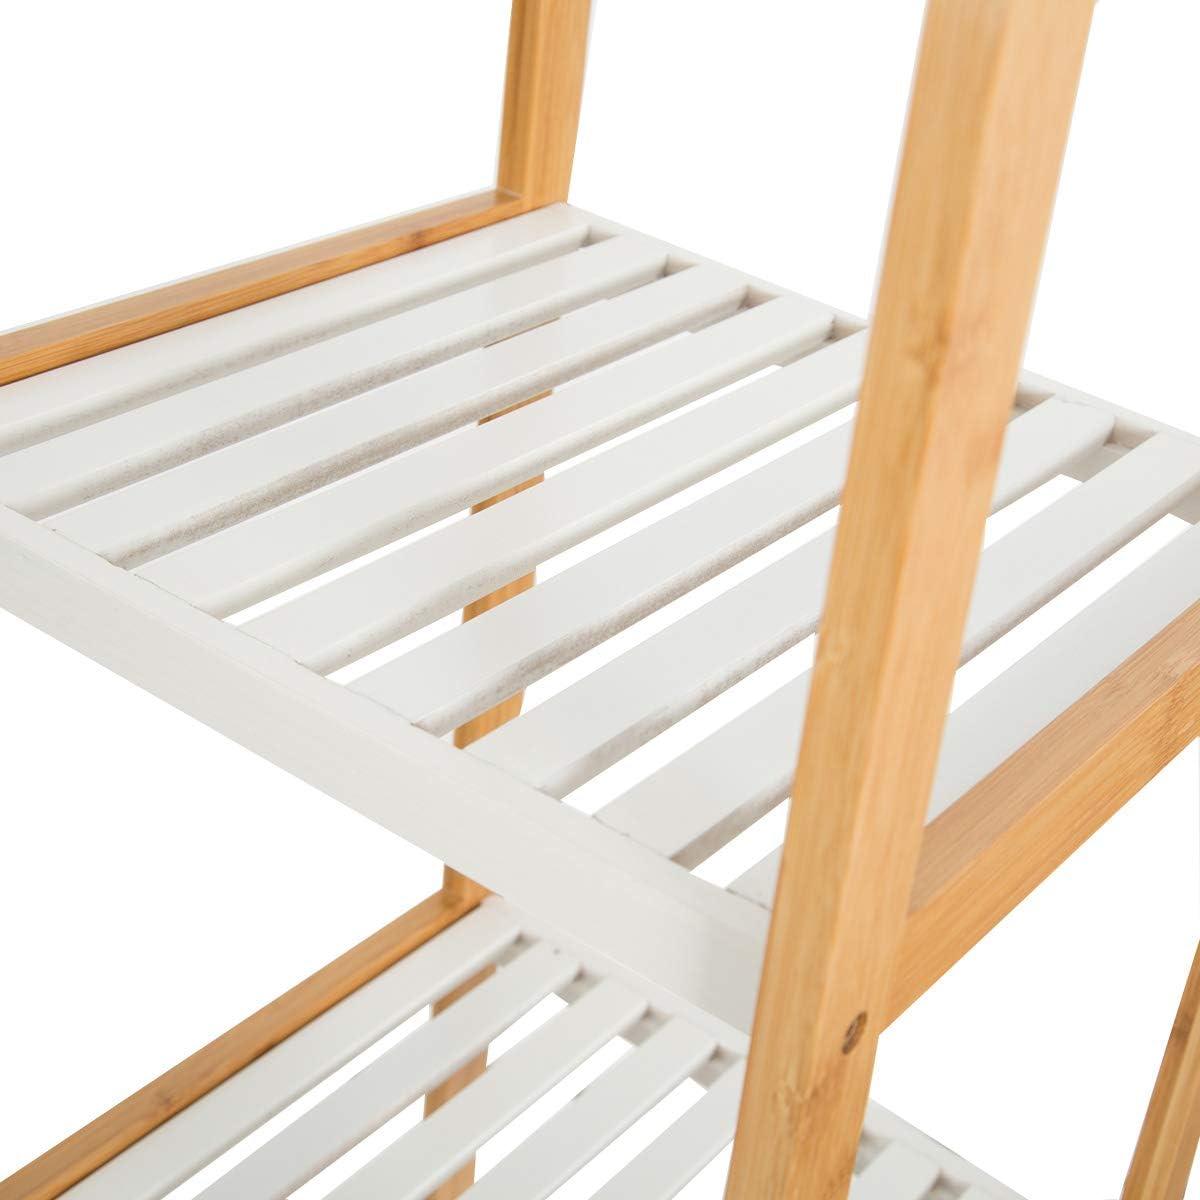 Zedelmaier Bambus Standregal Badregal K/üchenregal B/ücherregal verschiedene Modelle 3 Ablage